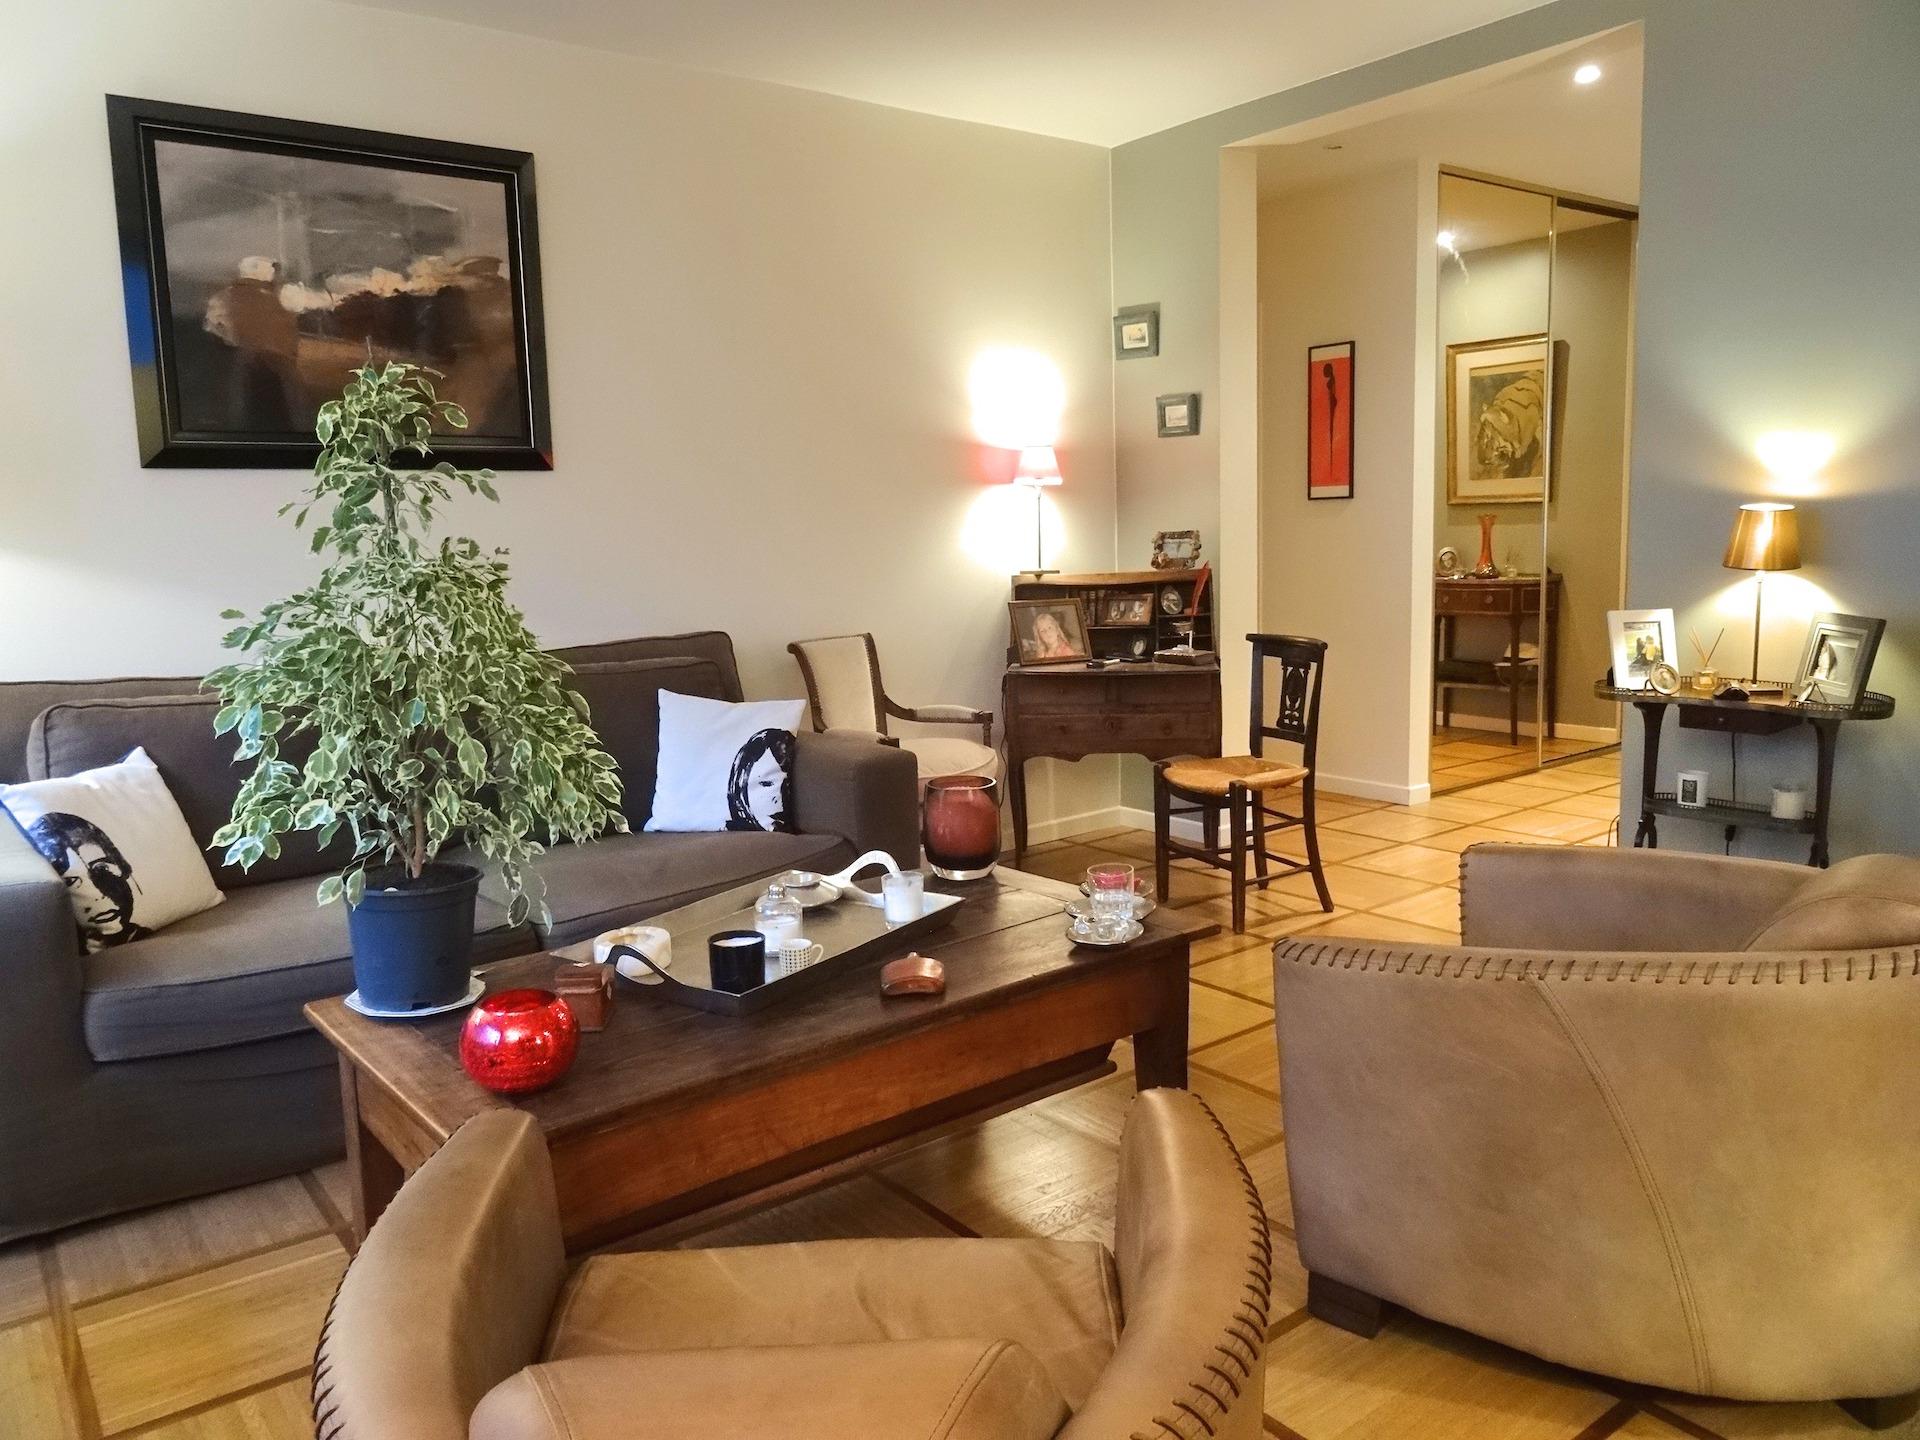 1.séjour-a-vendre-paris-16-la-clef-des-villes-agence-immobiliere-off-market